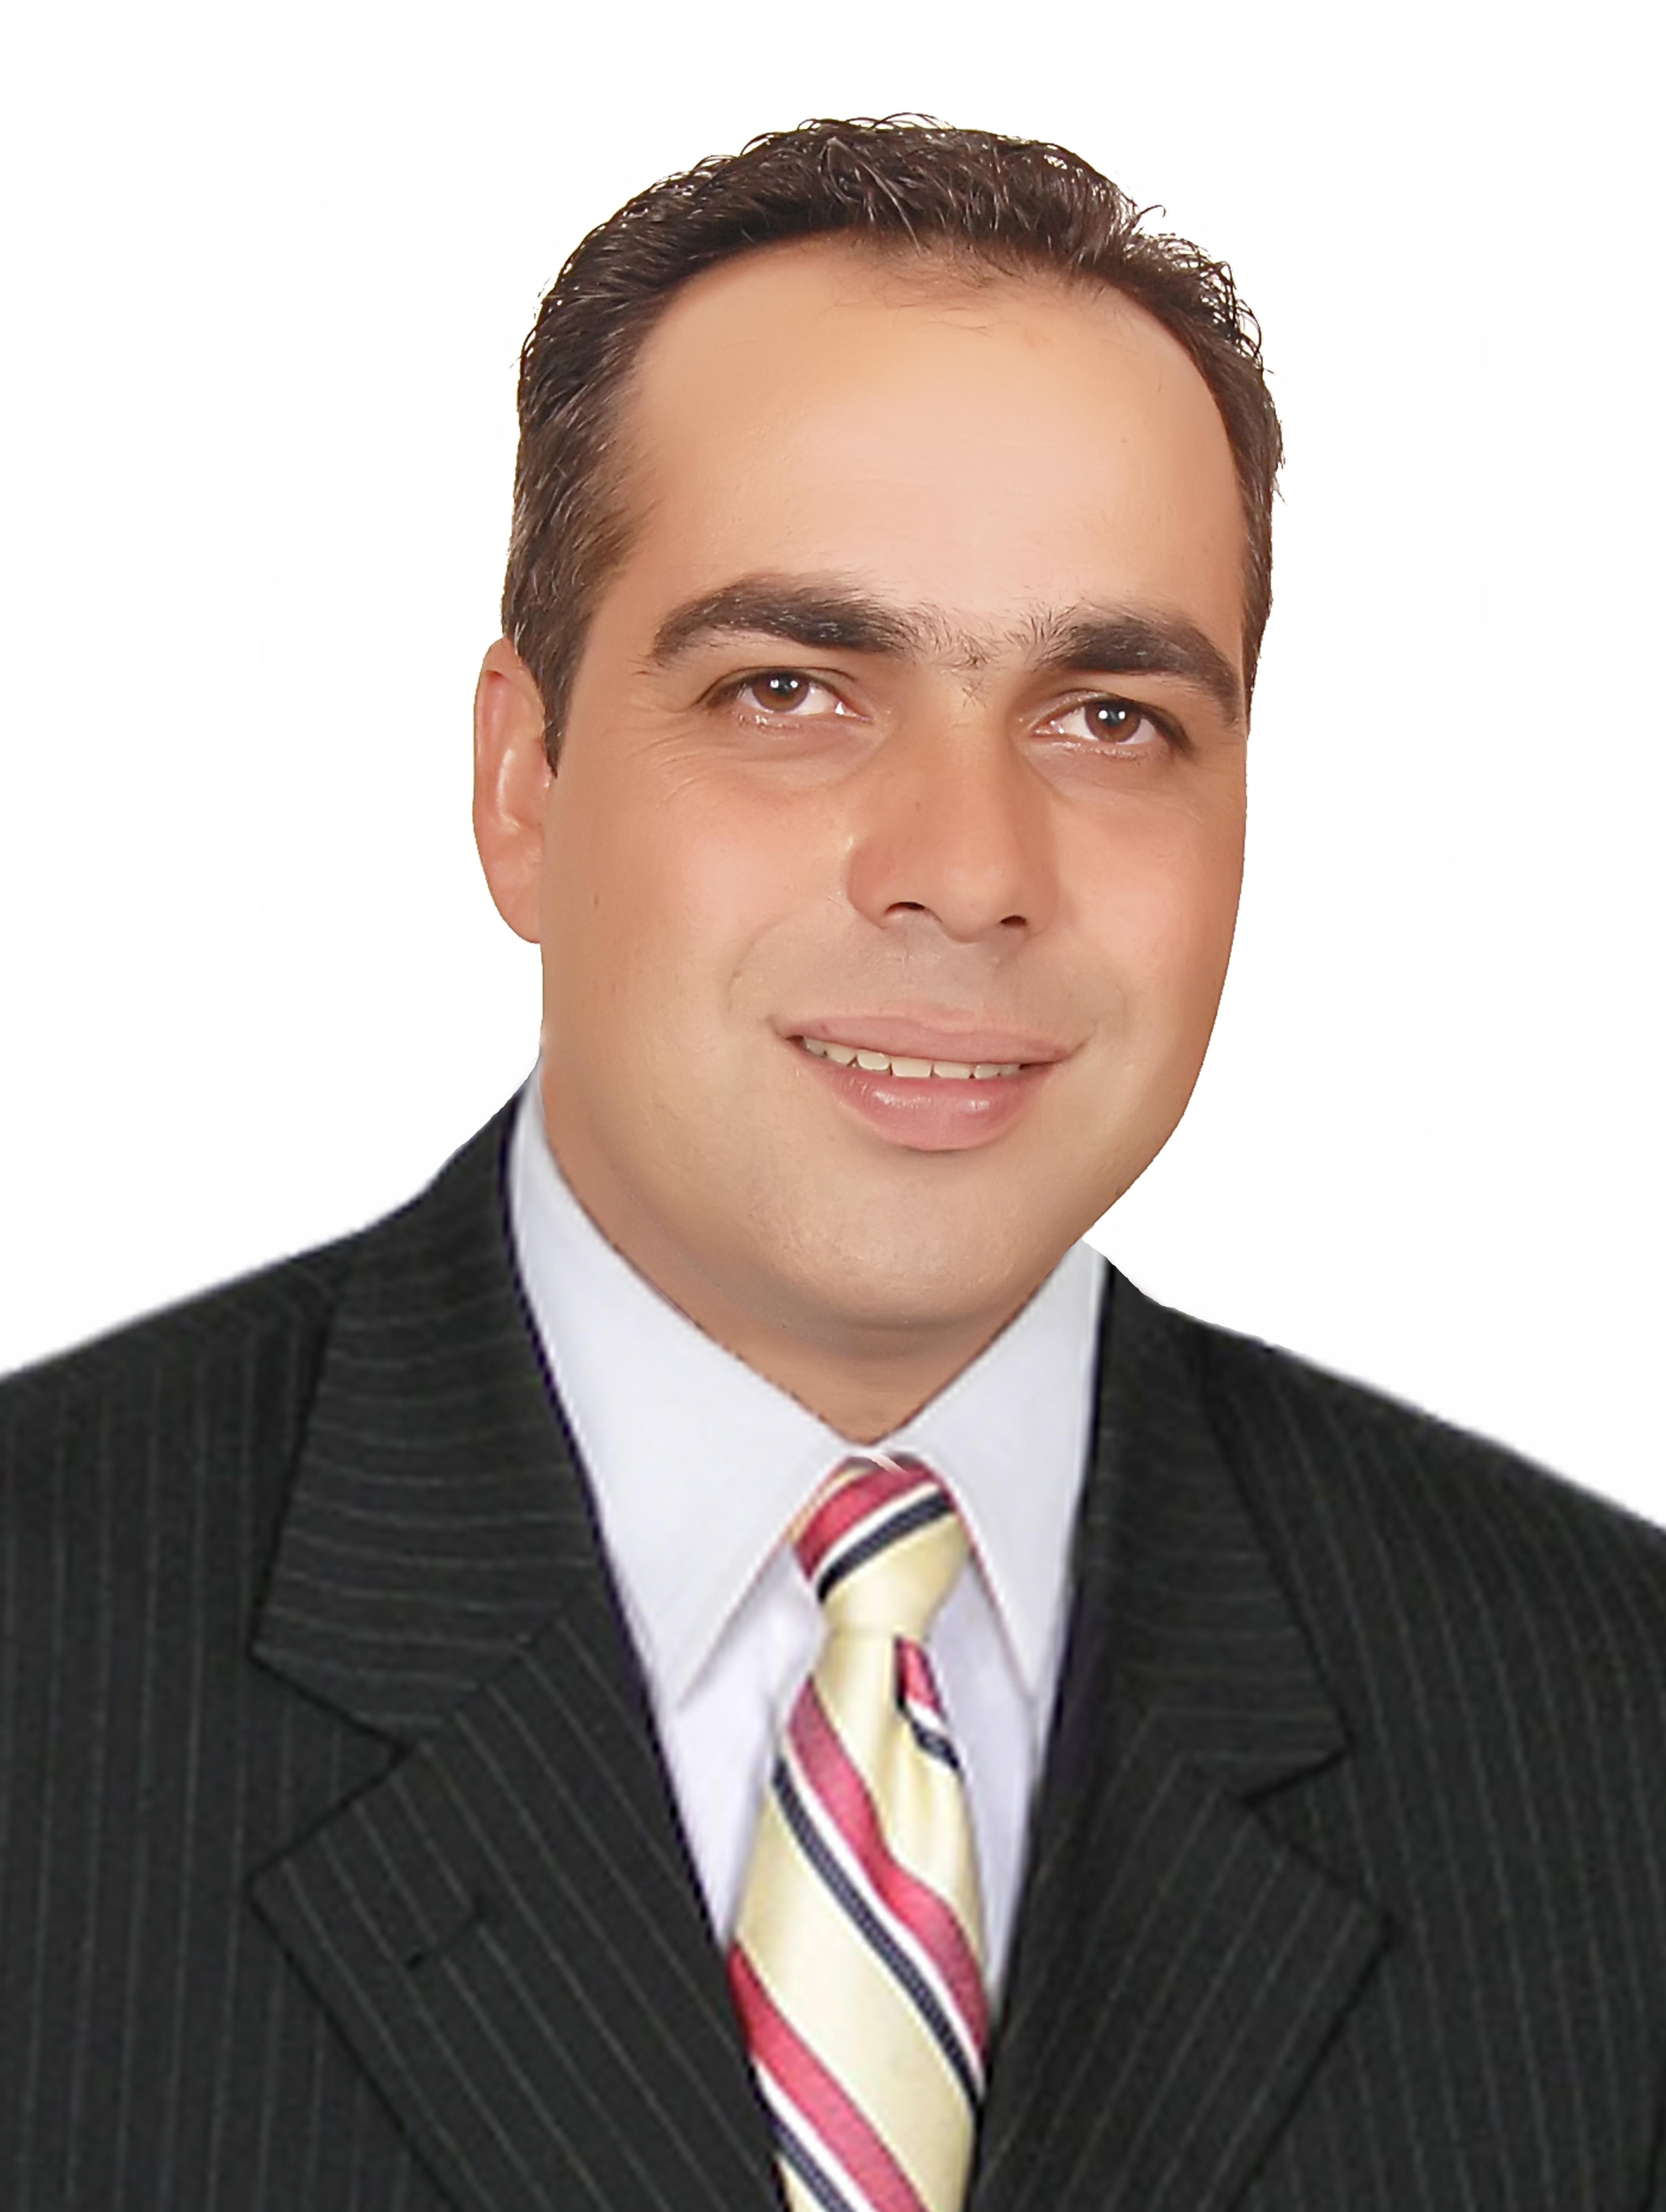 Pedro Carlos Ferreira de Melo